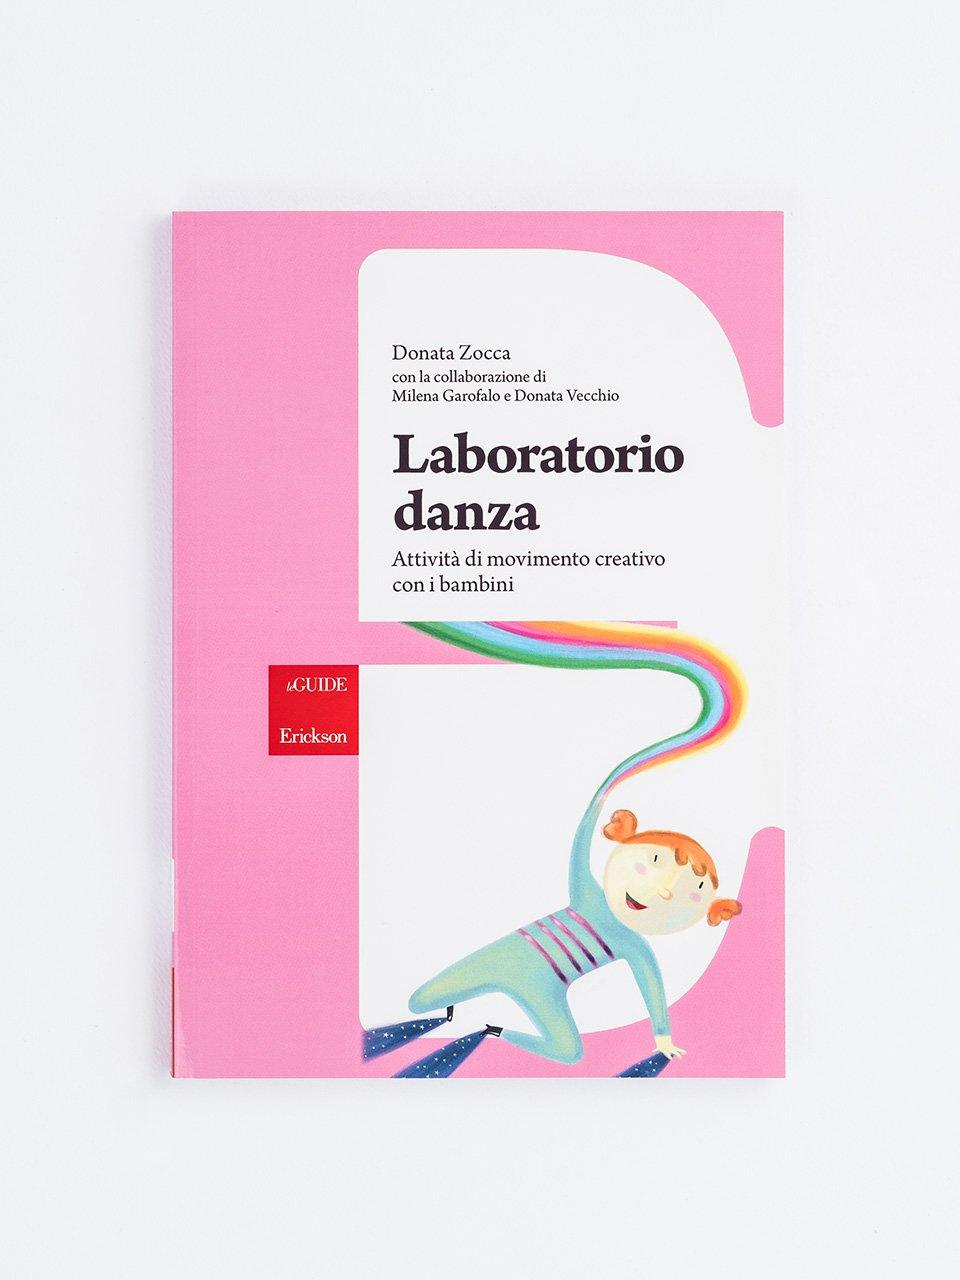 Laboratorio danza - Benessere yoga per bambini - Libri - Erickson